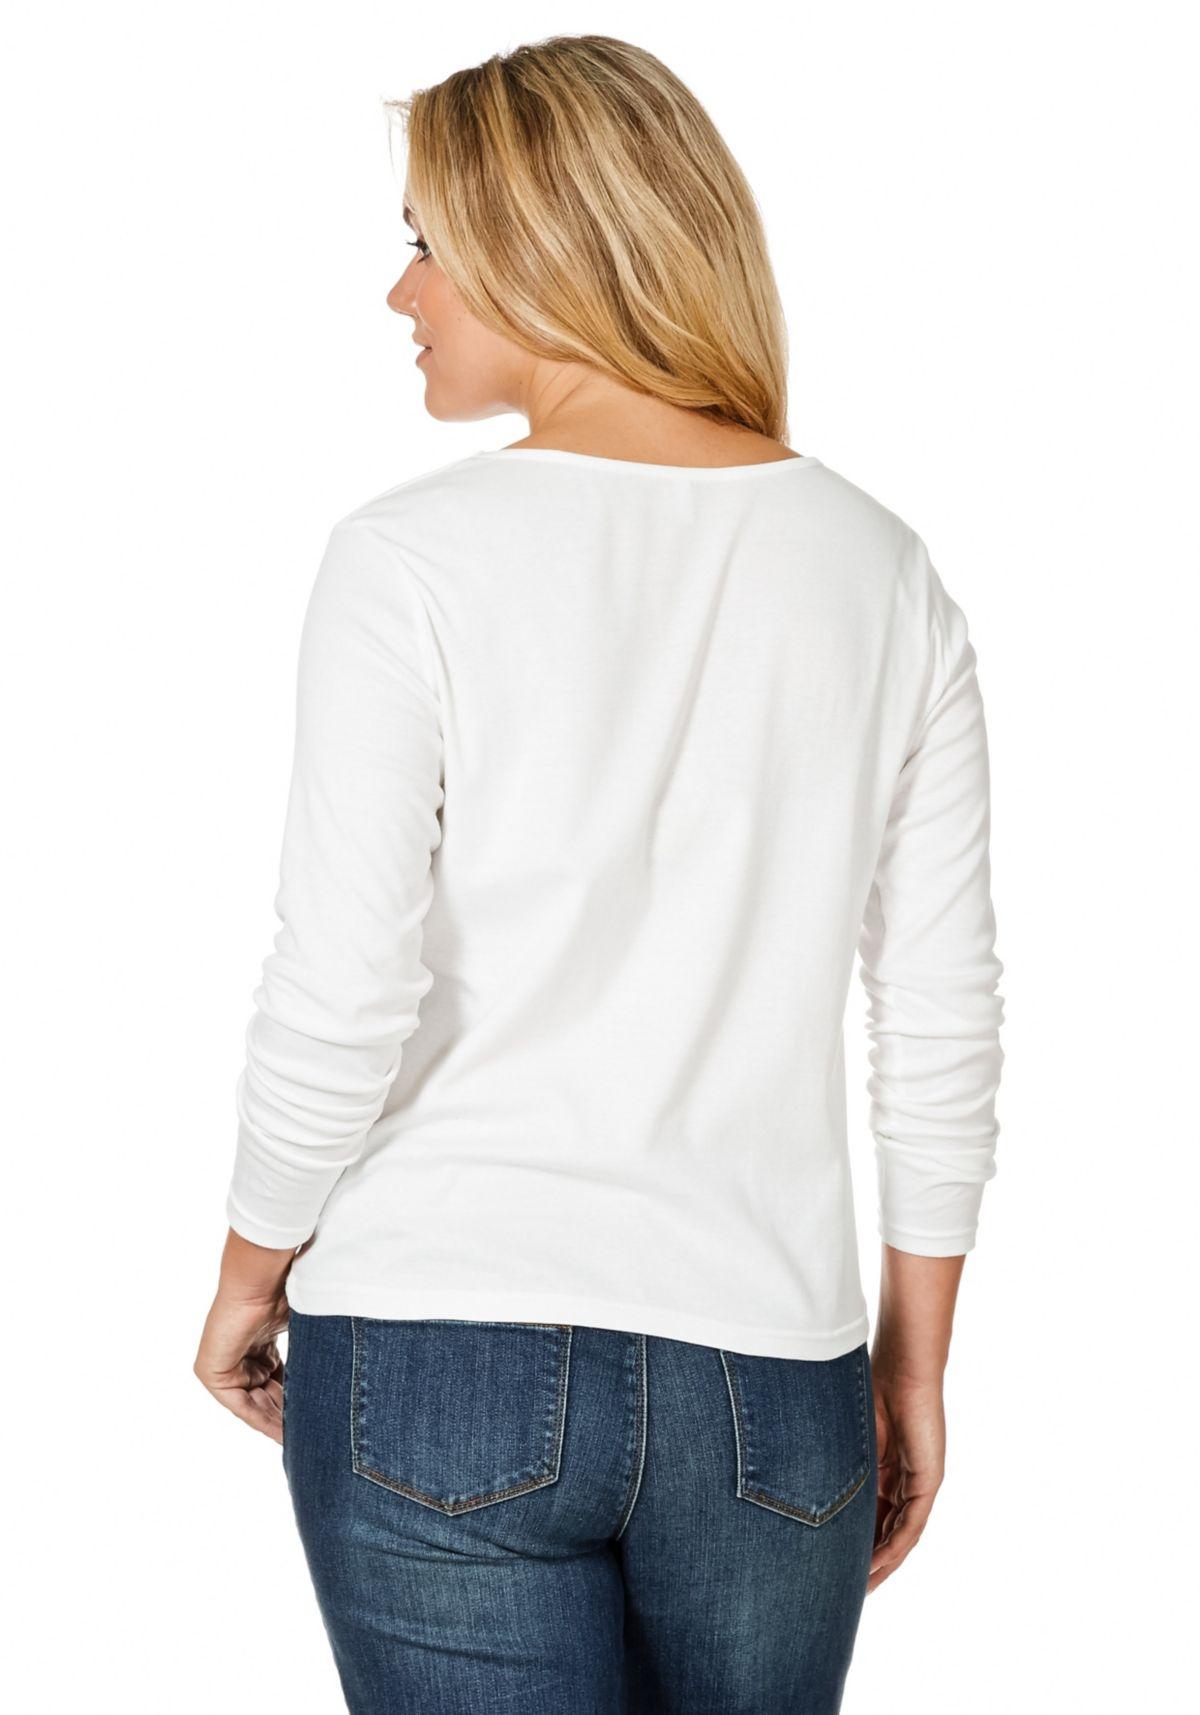 Große Größen: sheego Casual Basic-Shirt (2 Stck.), weiß + schwarz, Gr.44/46-48/50 Preisvergleich